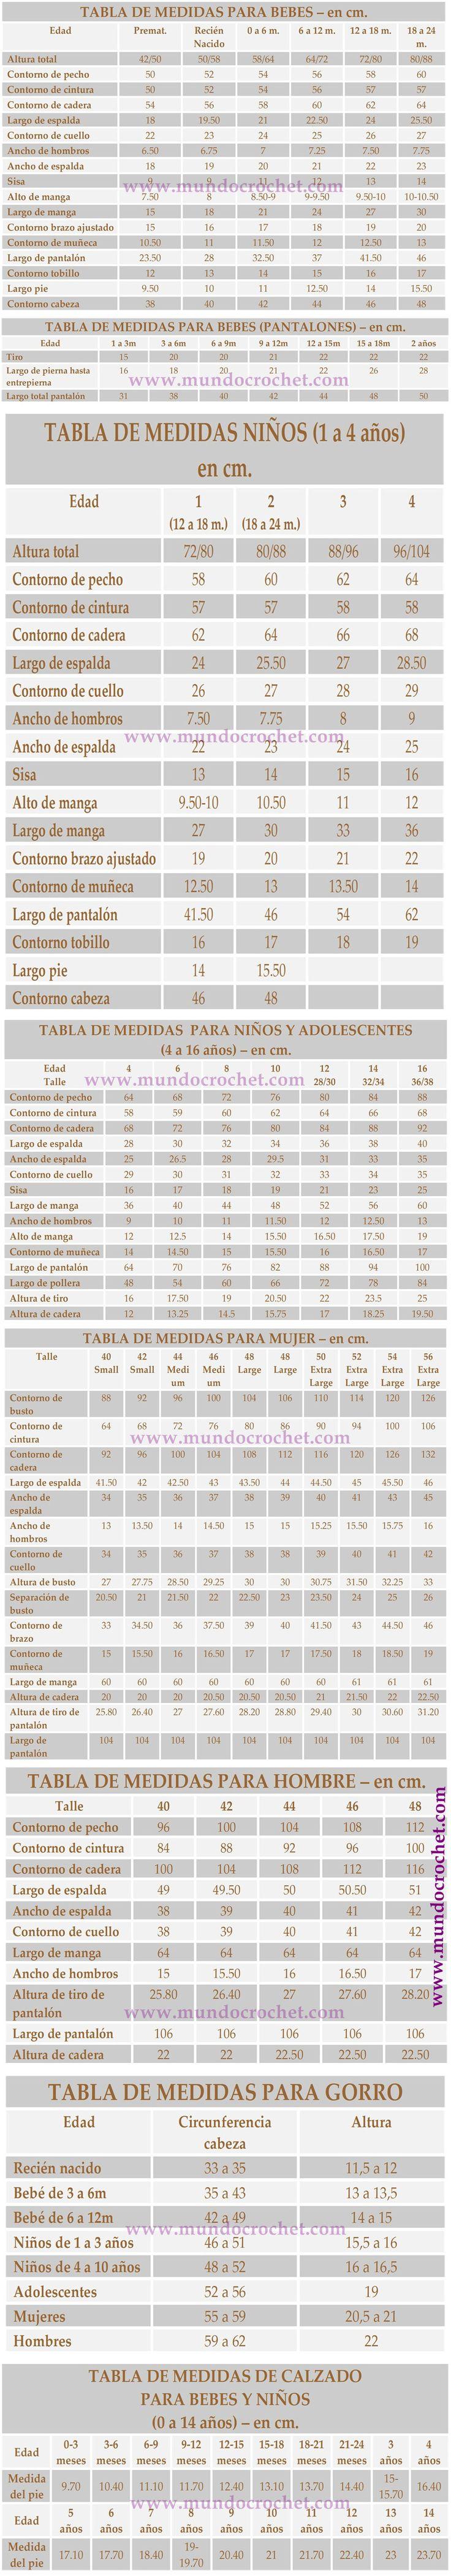 Tabla de medidas para bebes_ninos_gorros_zapatos_mujer_hombre para crochet o ganchillo y tejidos